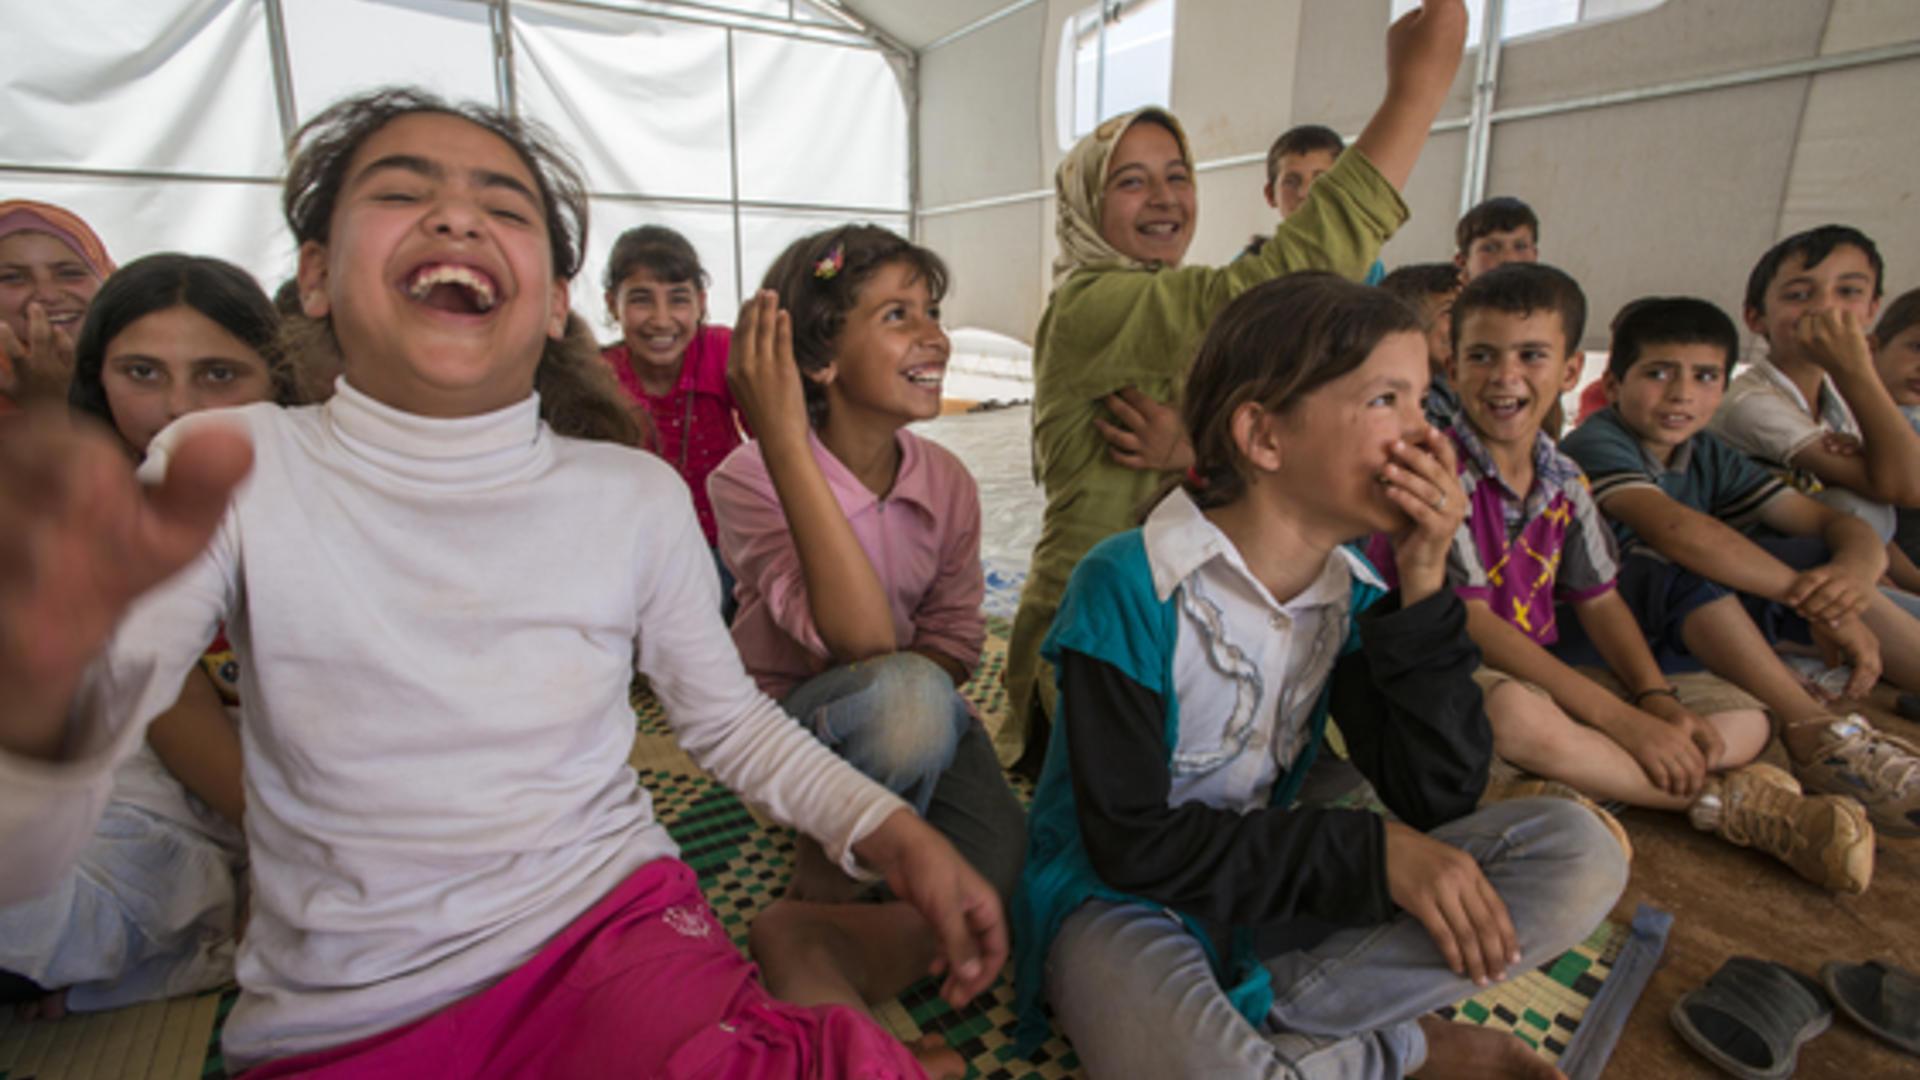 Syrian children in an IRC healing classroom tent